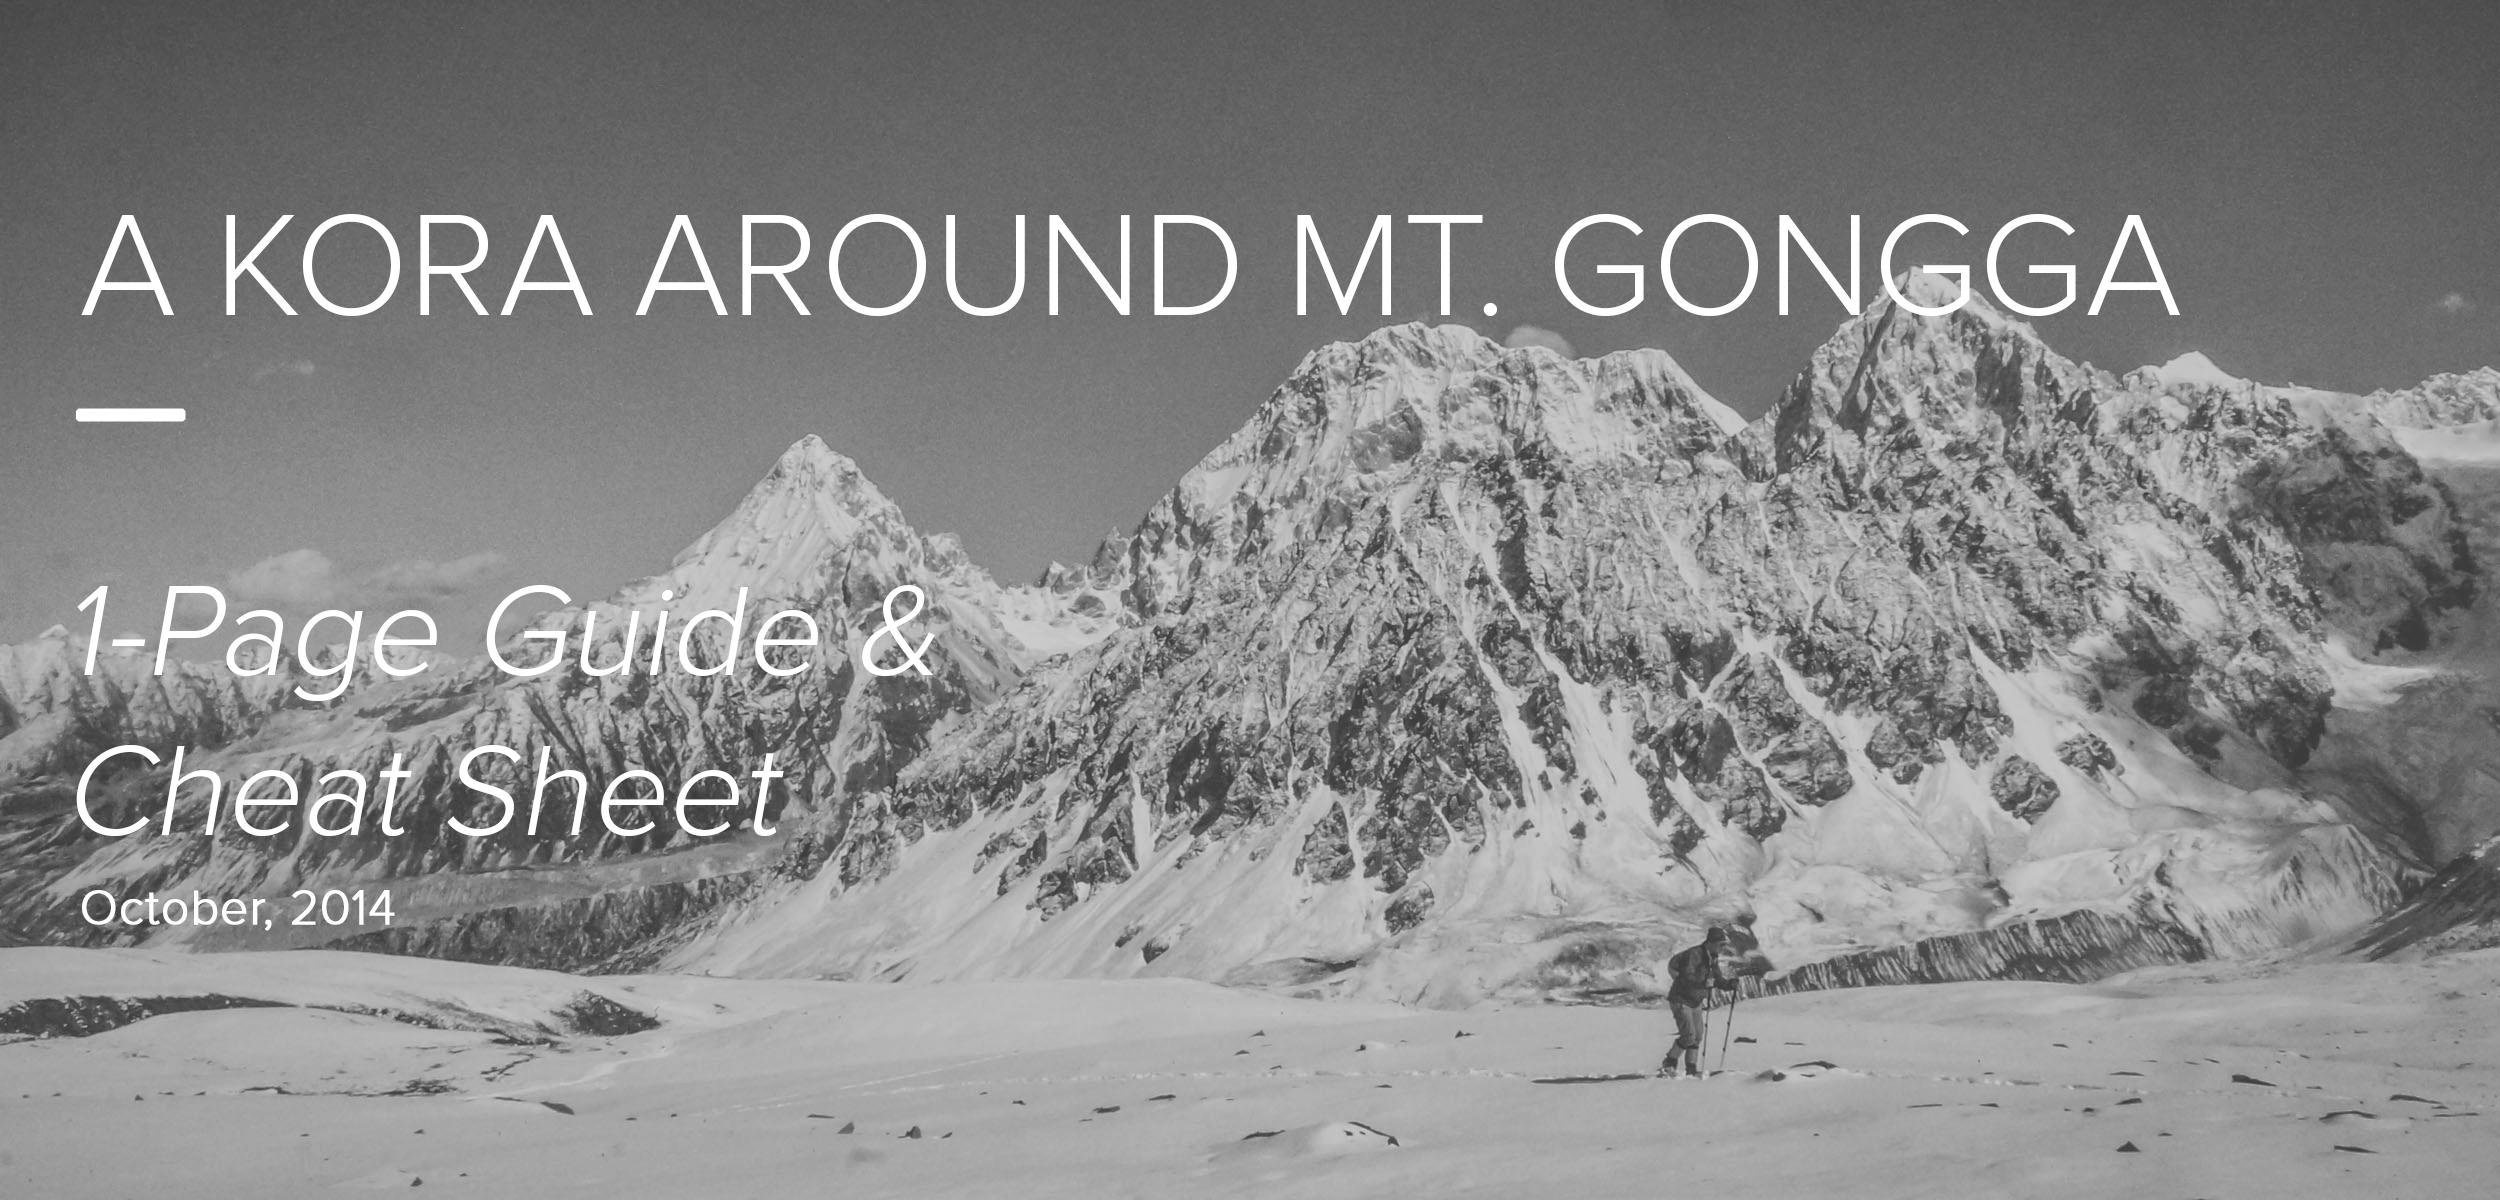 Mt. Gongga Trekking Guide and Cheat Sheet